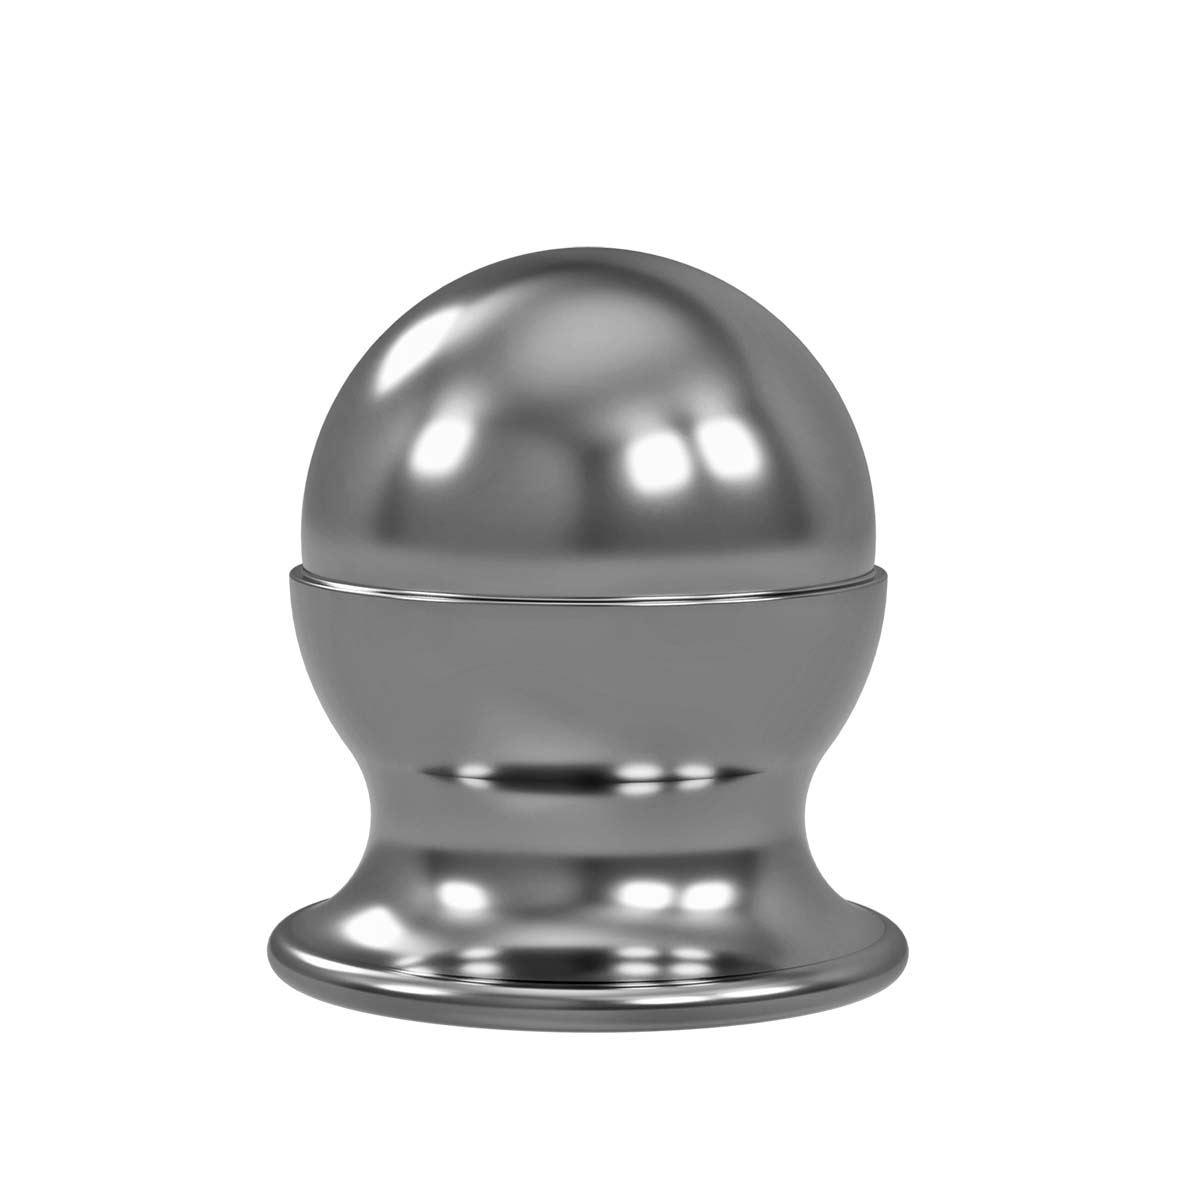 Porta teléfono Mobo de Ventilador Metallic Bola No.12